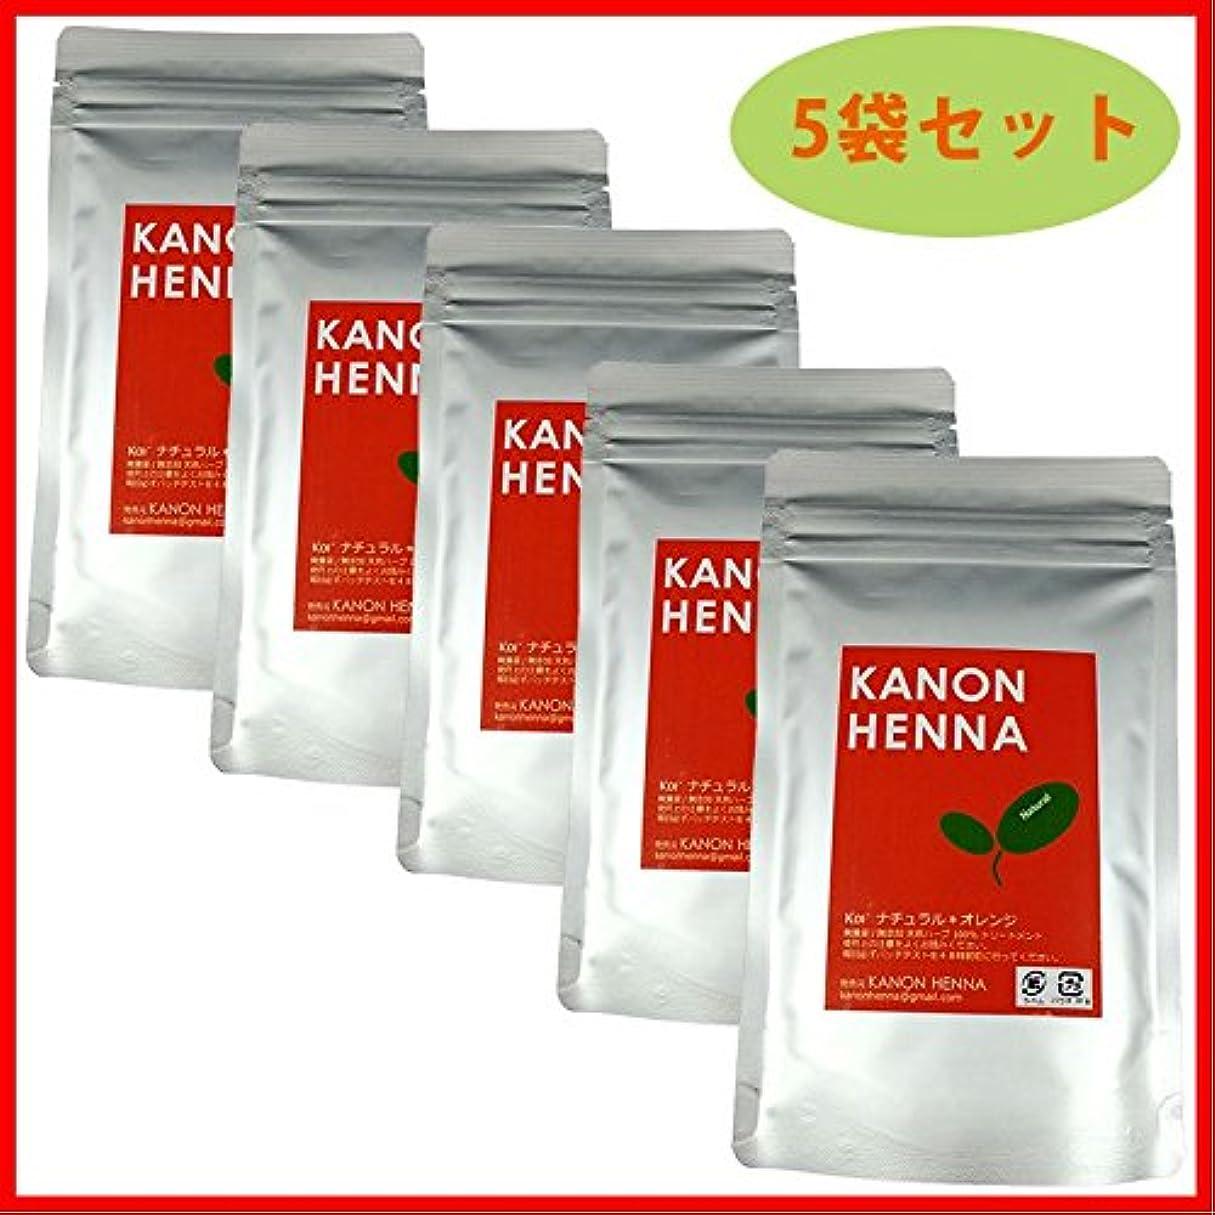 ハッチ死ゆりヘナ カノンヘナ 天然ハーブ 無農薬無添加 ケミカルゼロ ヘアトリートメント 毛染め 染毛 白髪 赤オレンジ 5袋セット henna-natural5set